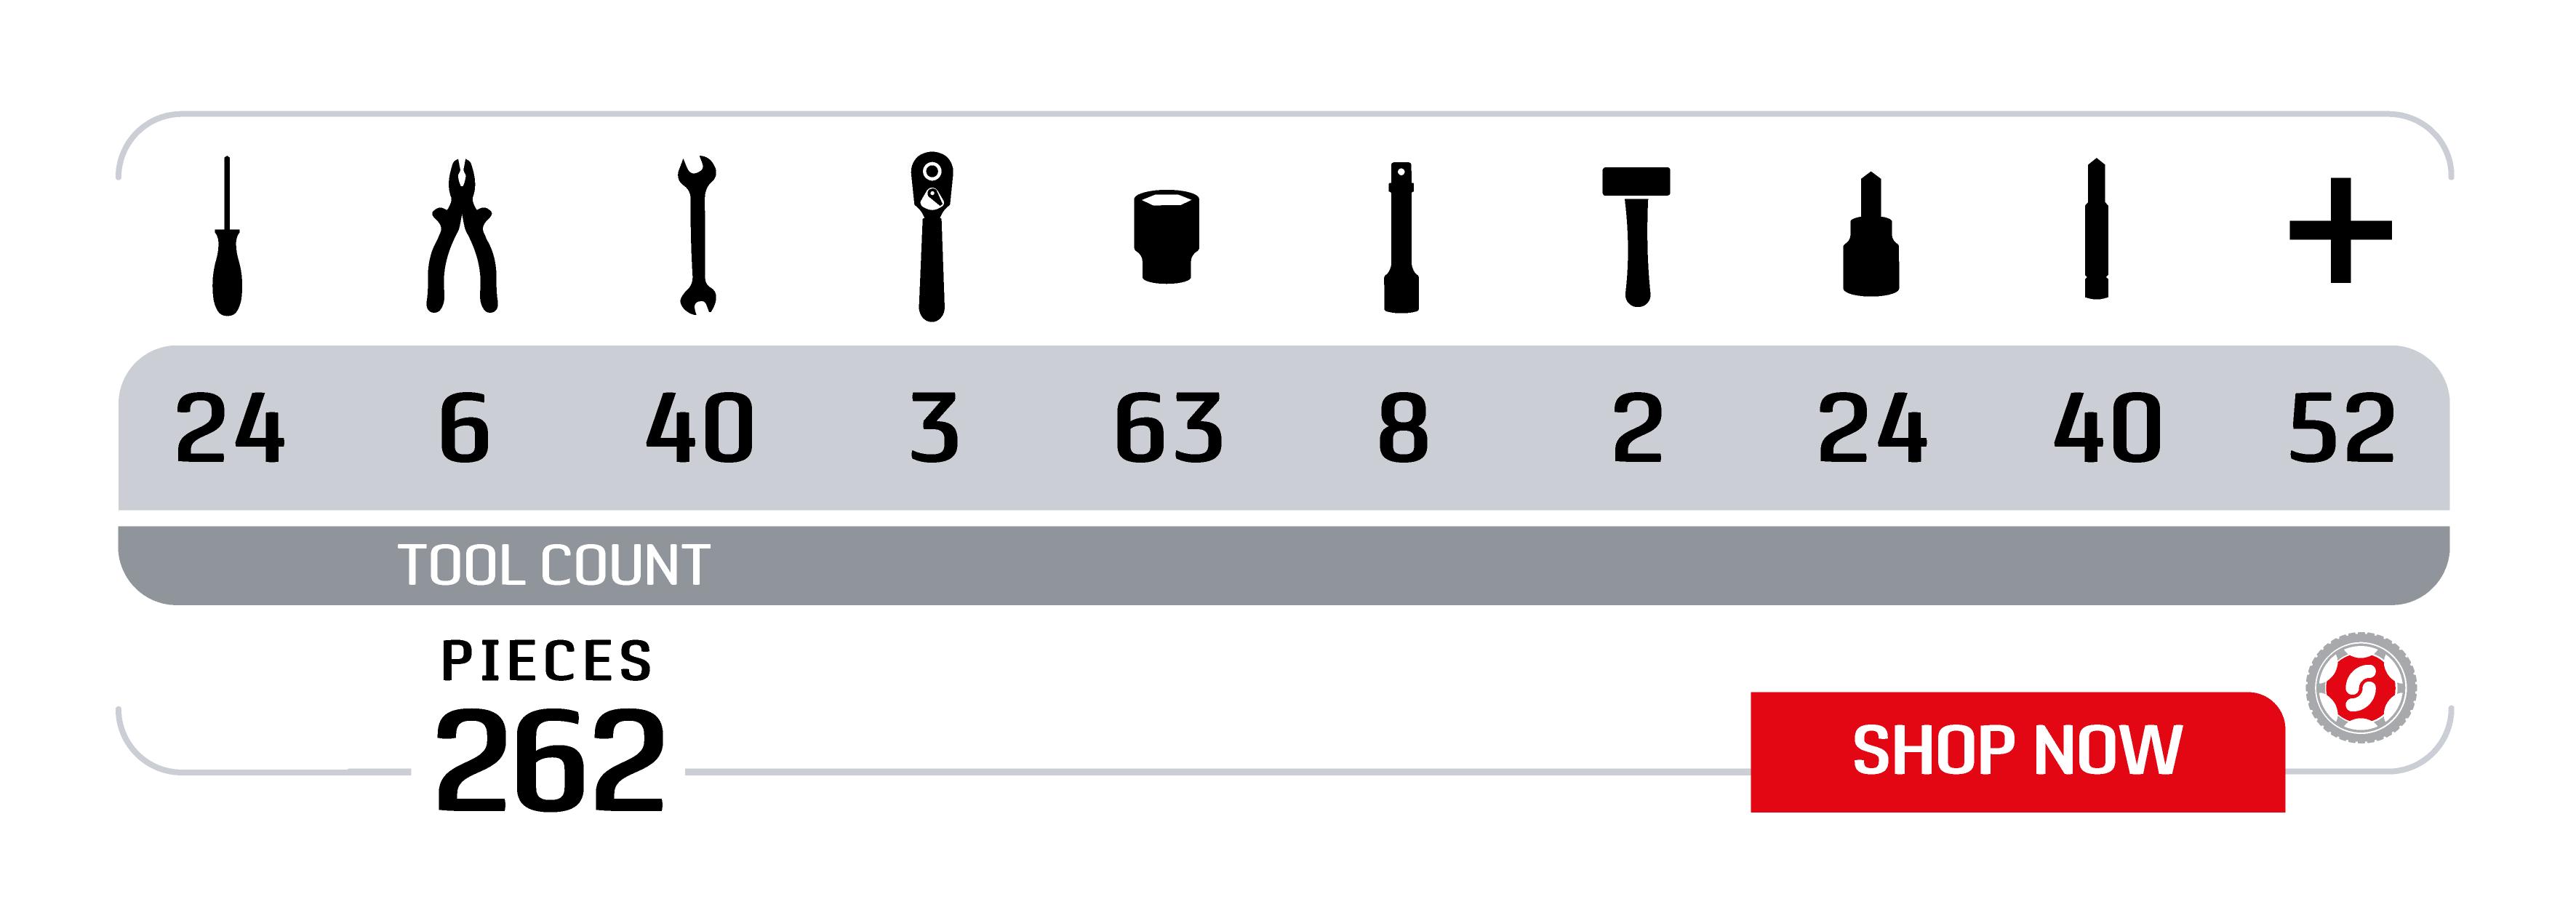 S10工具箱与工具